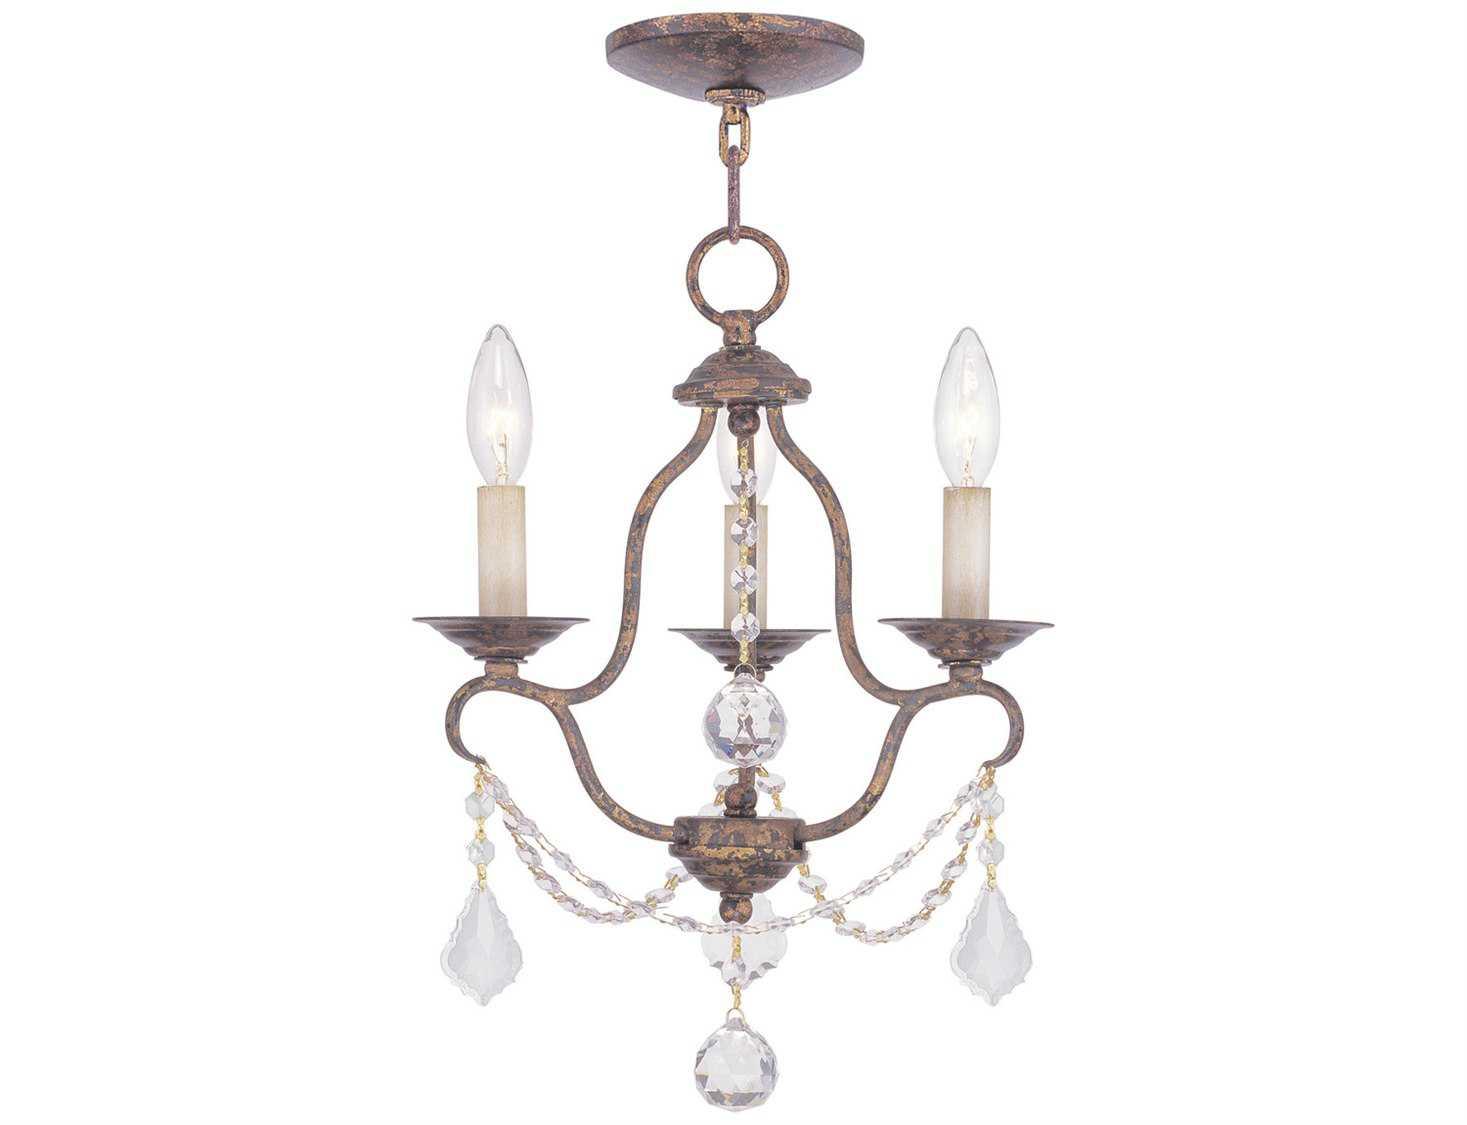 livex lighting chesterfield venetian golden bronze three light 12 39 39 wide chandelier 6423 71. Black Bedroom Furniture Sets. Home Design Ideas